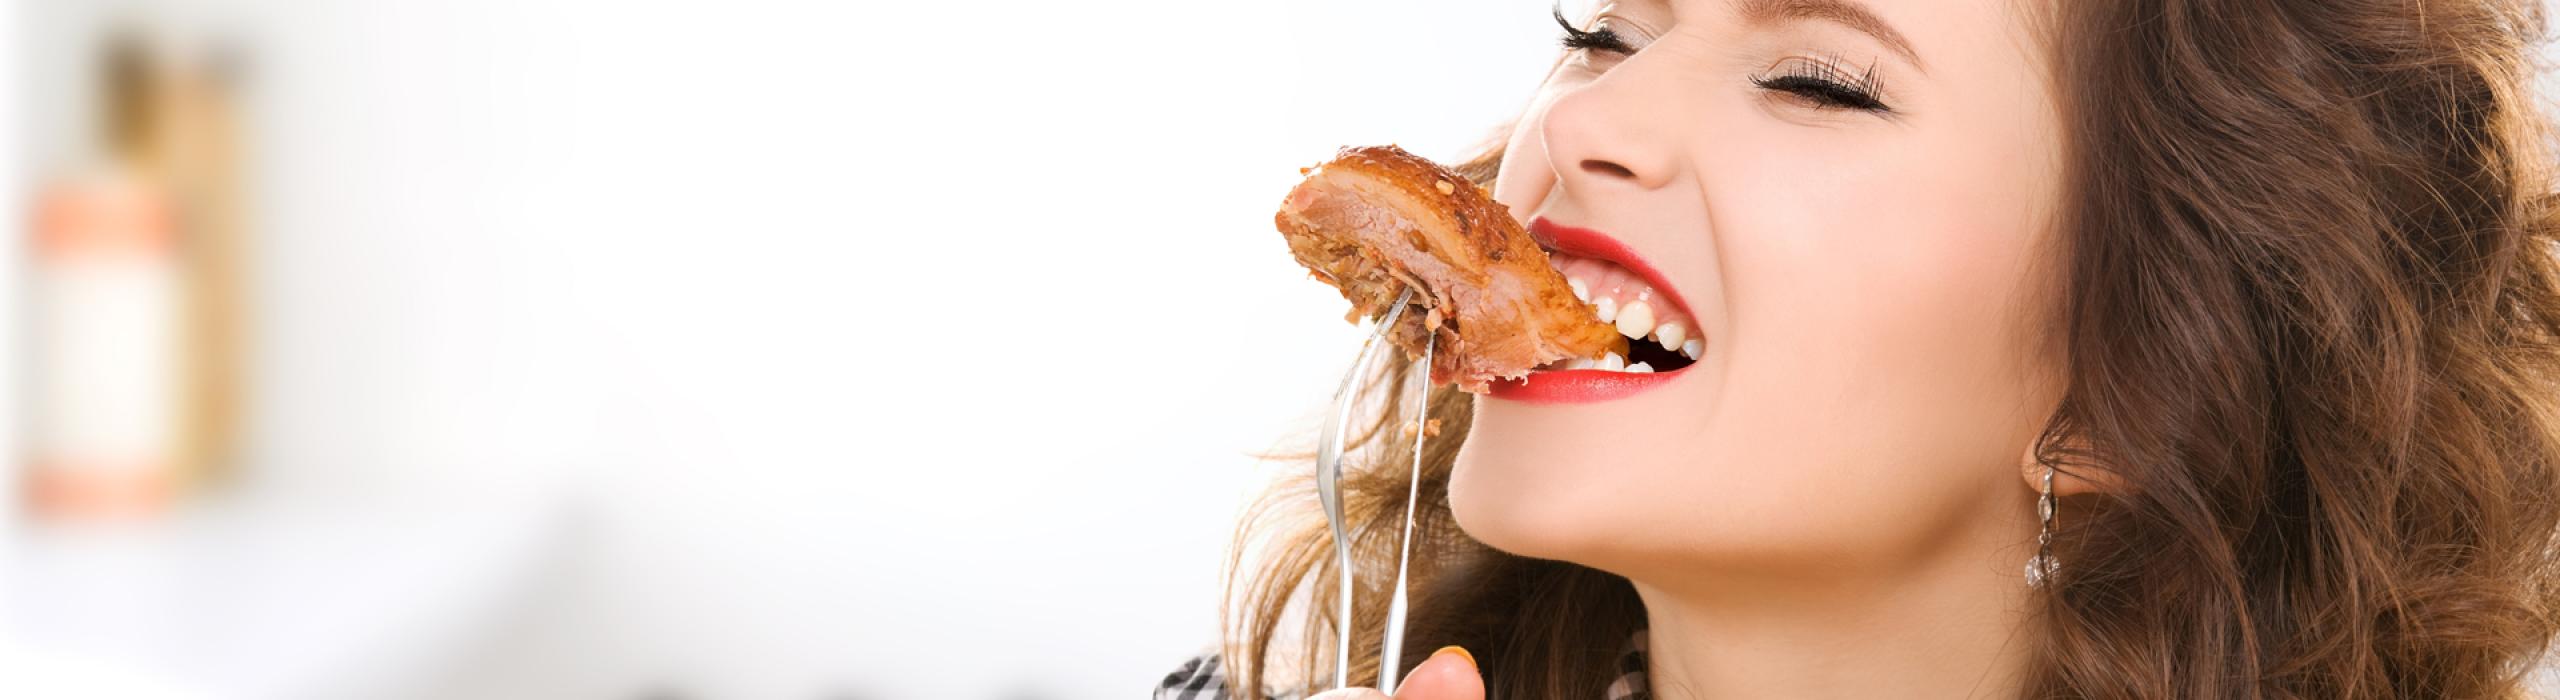 3 motivos pelos quais comemos